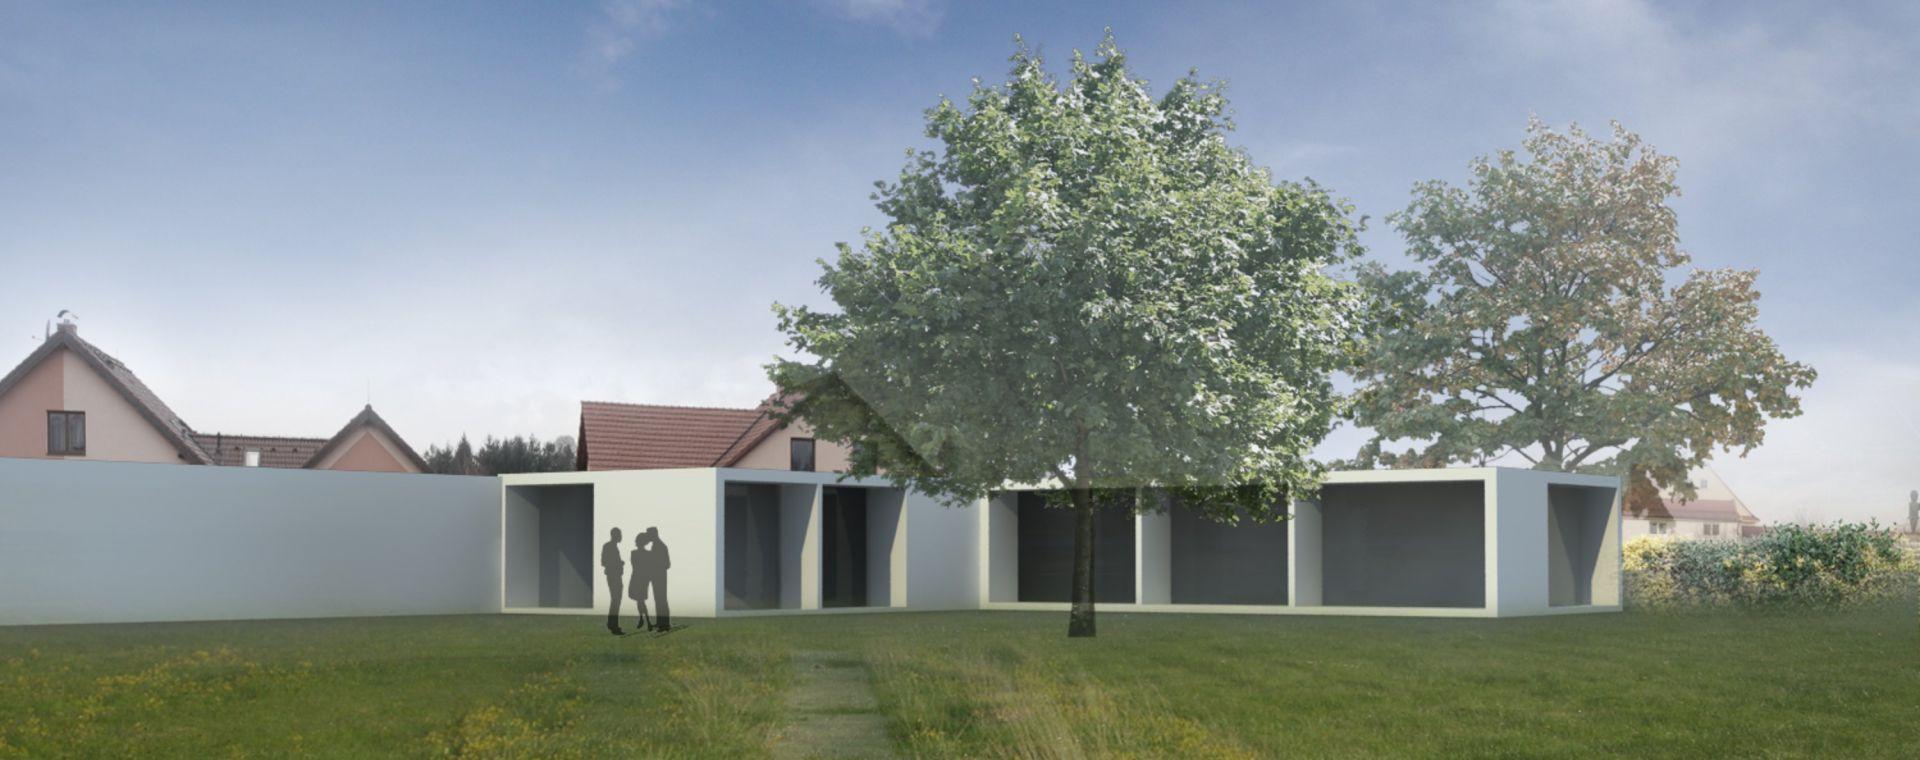 Rodinný dům v Přibyslavi, 2012-2014, CZ